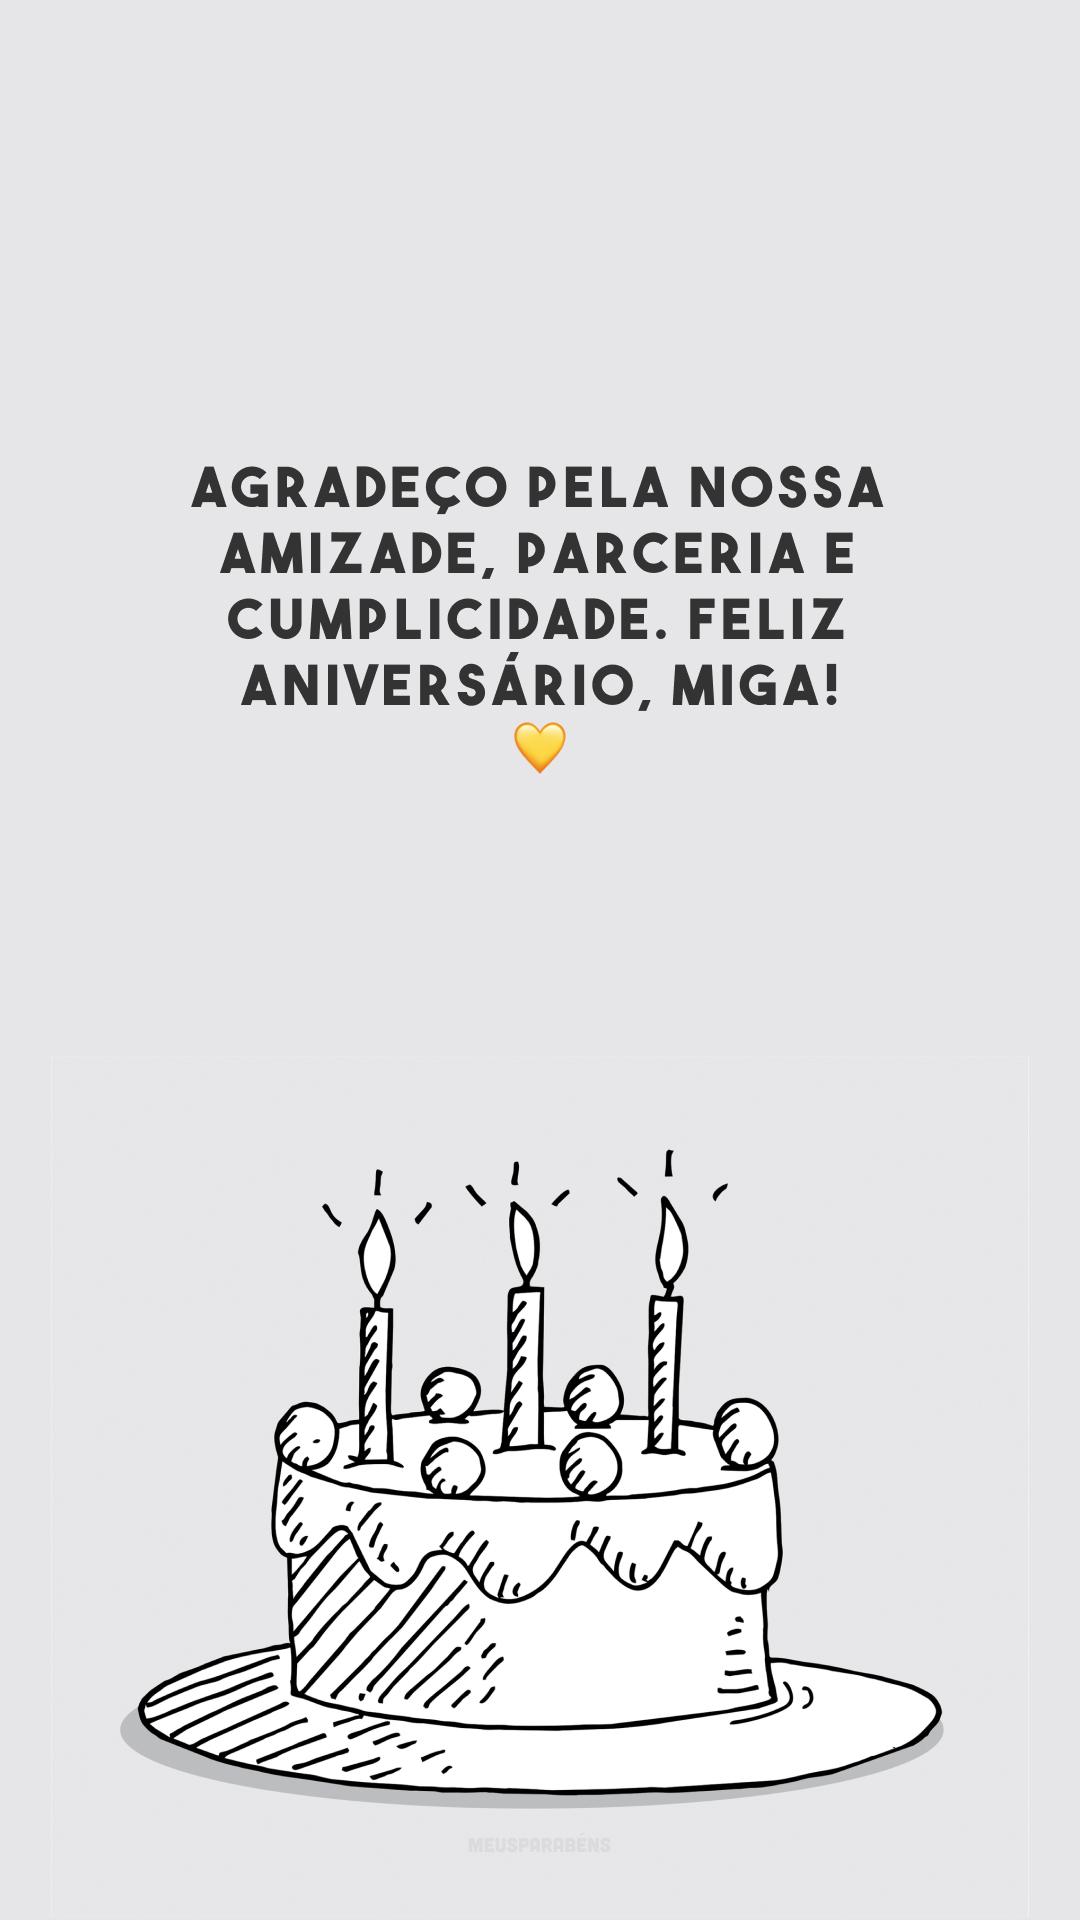 Agradeço pela nossa amizade, parceria e cumplicidade. Feliz aniversário, miga! 💛